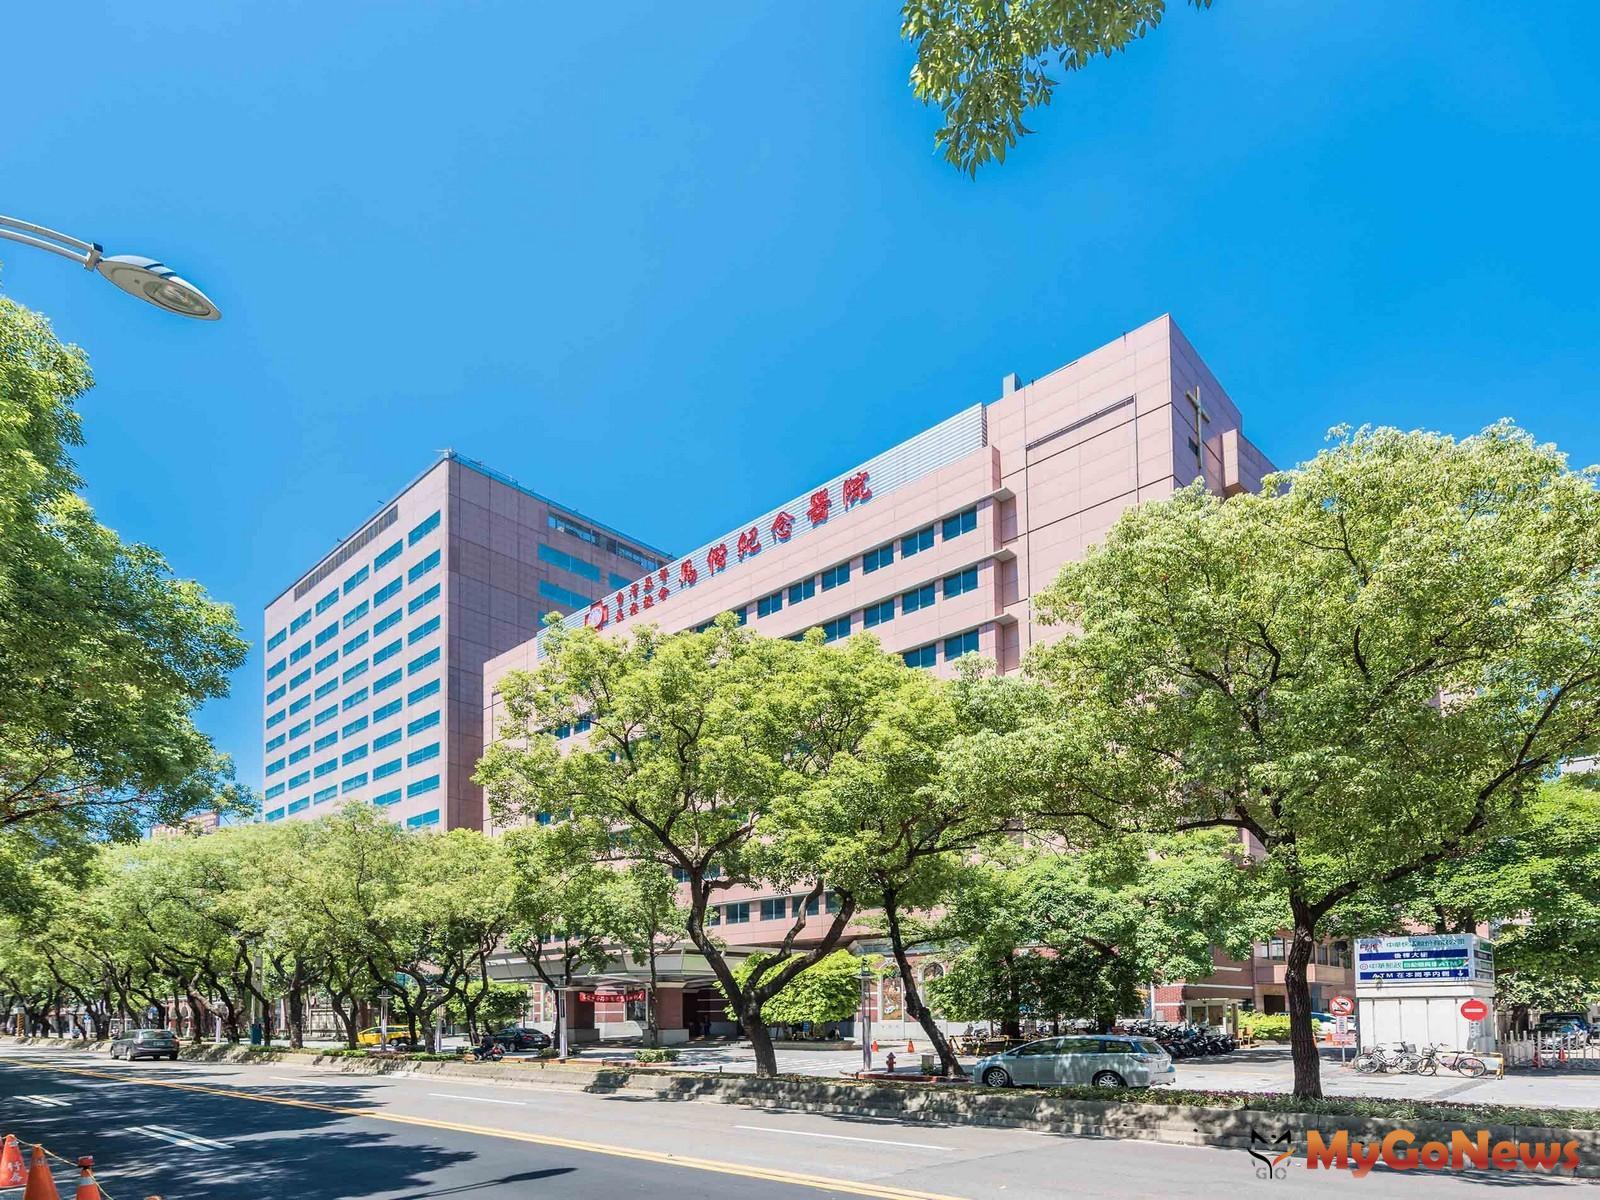 馬偕醫院形成的「馬偕生活圈」是台北市大同區的重要生活軸心 MyGoNews房地產新聞 專題報導